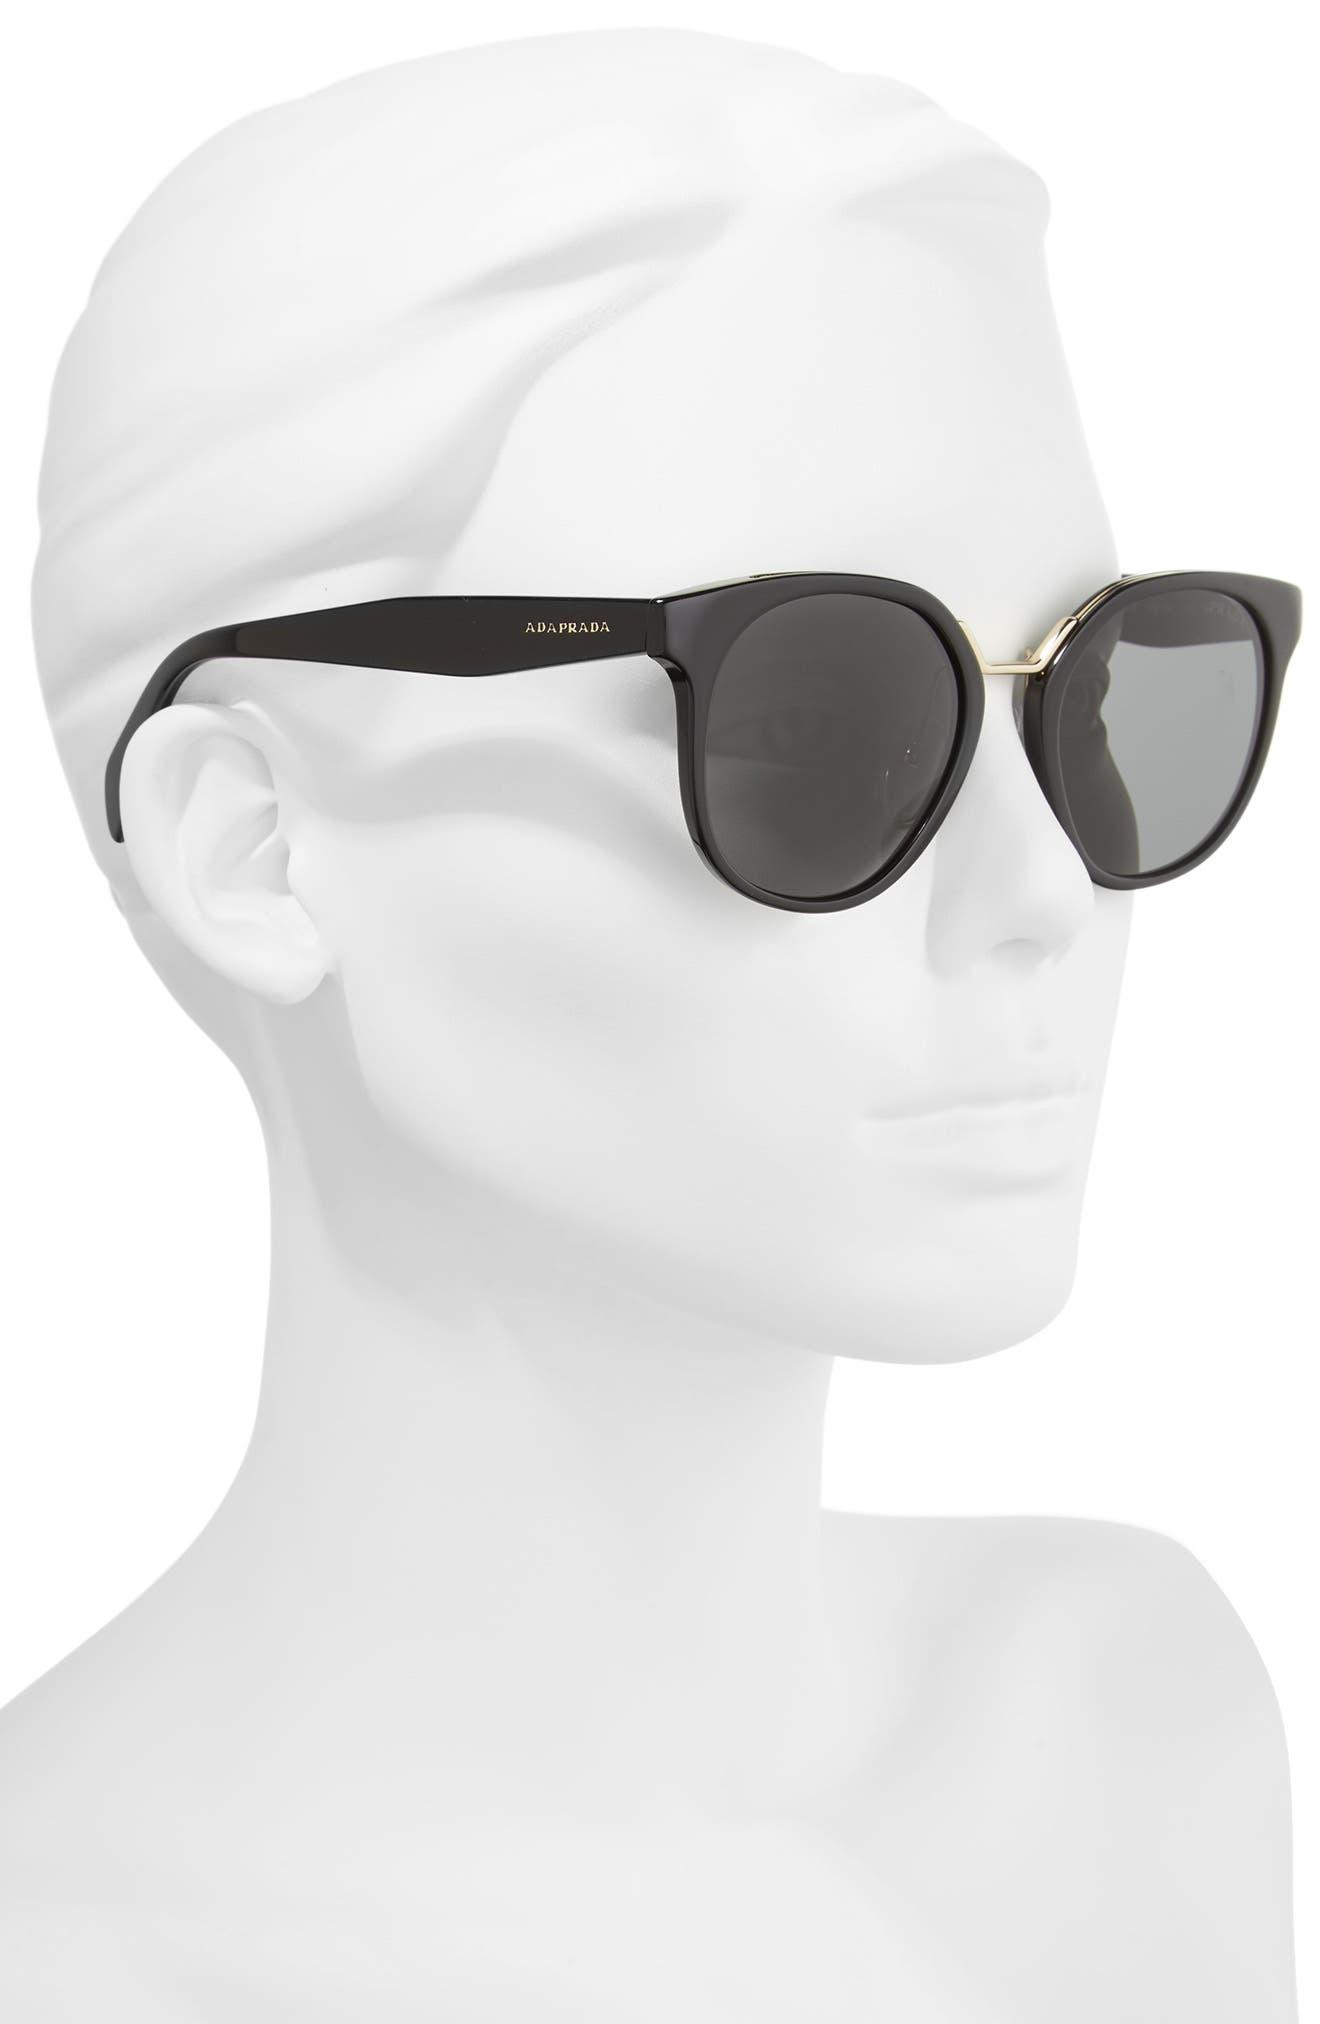 53mm Horn-Rimmed Sunglasses,                             Alternate thumbnail 2, color,                             020